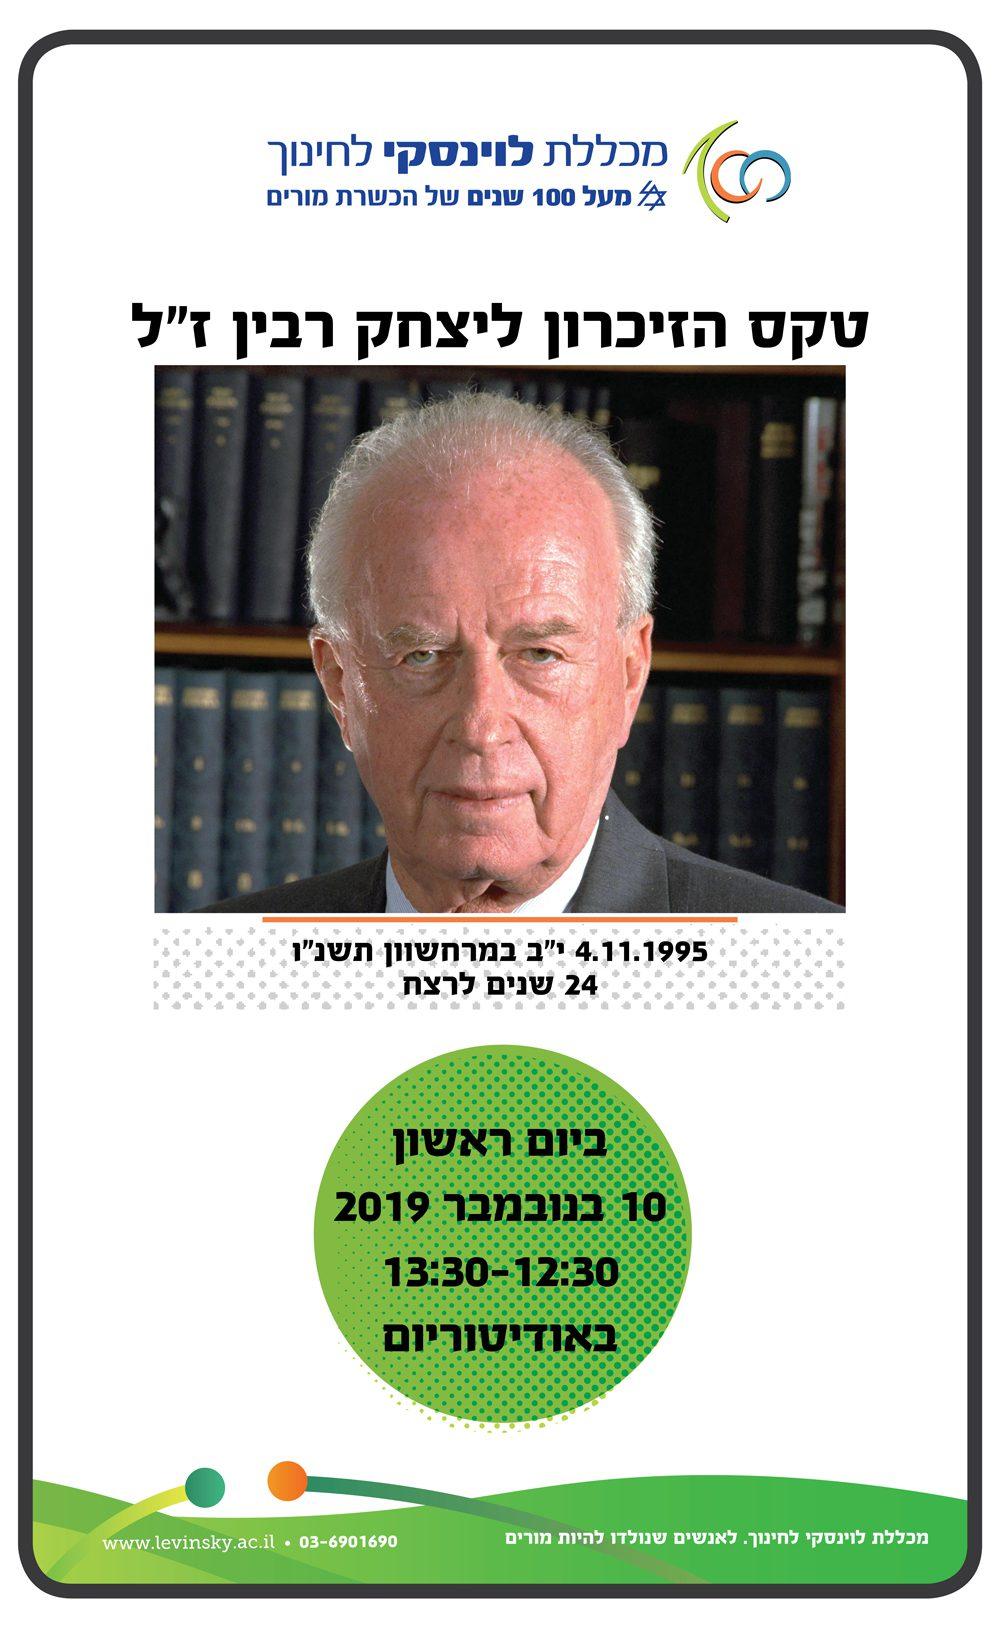 הזמנה לטקס רבין נובמבר 2019